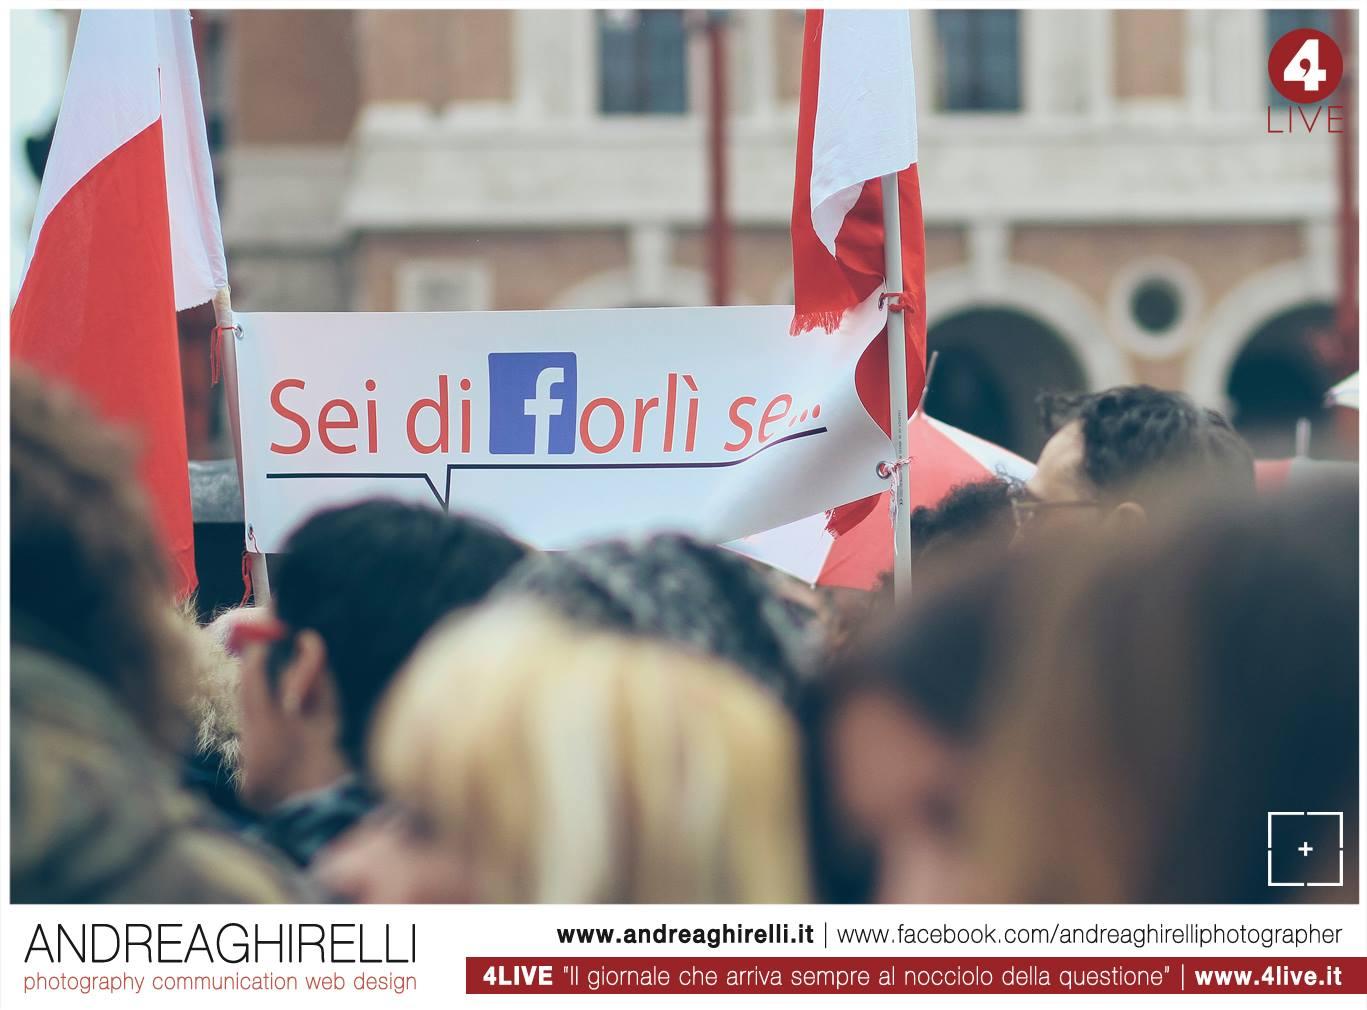 Sei di Forlì se